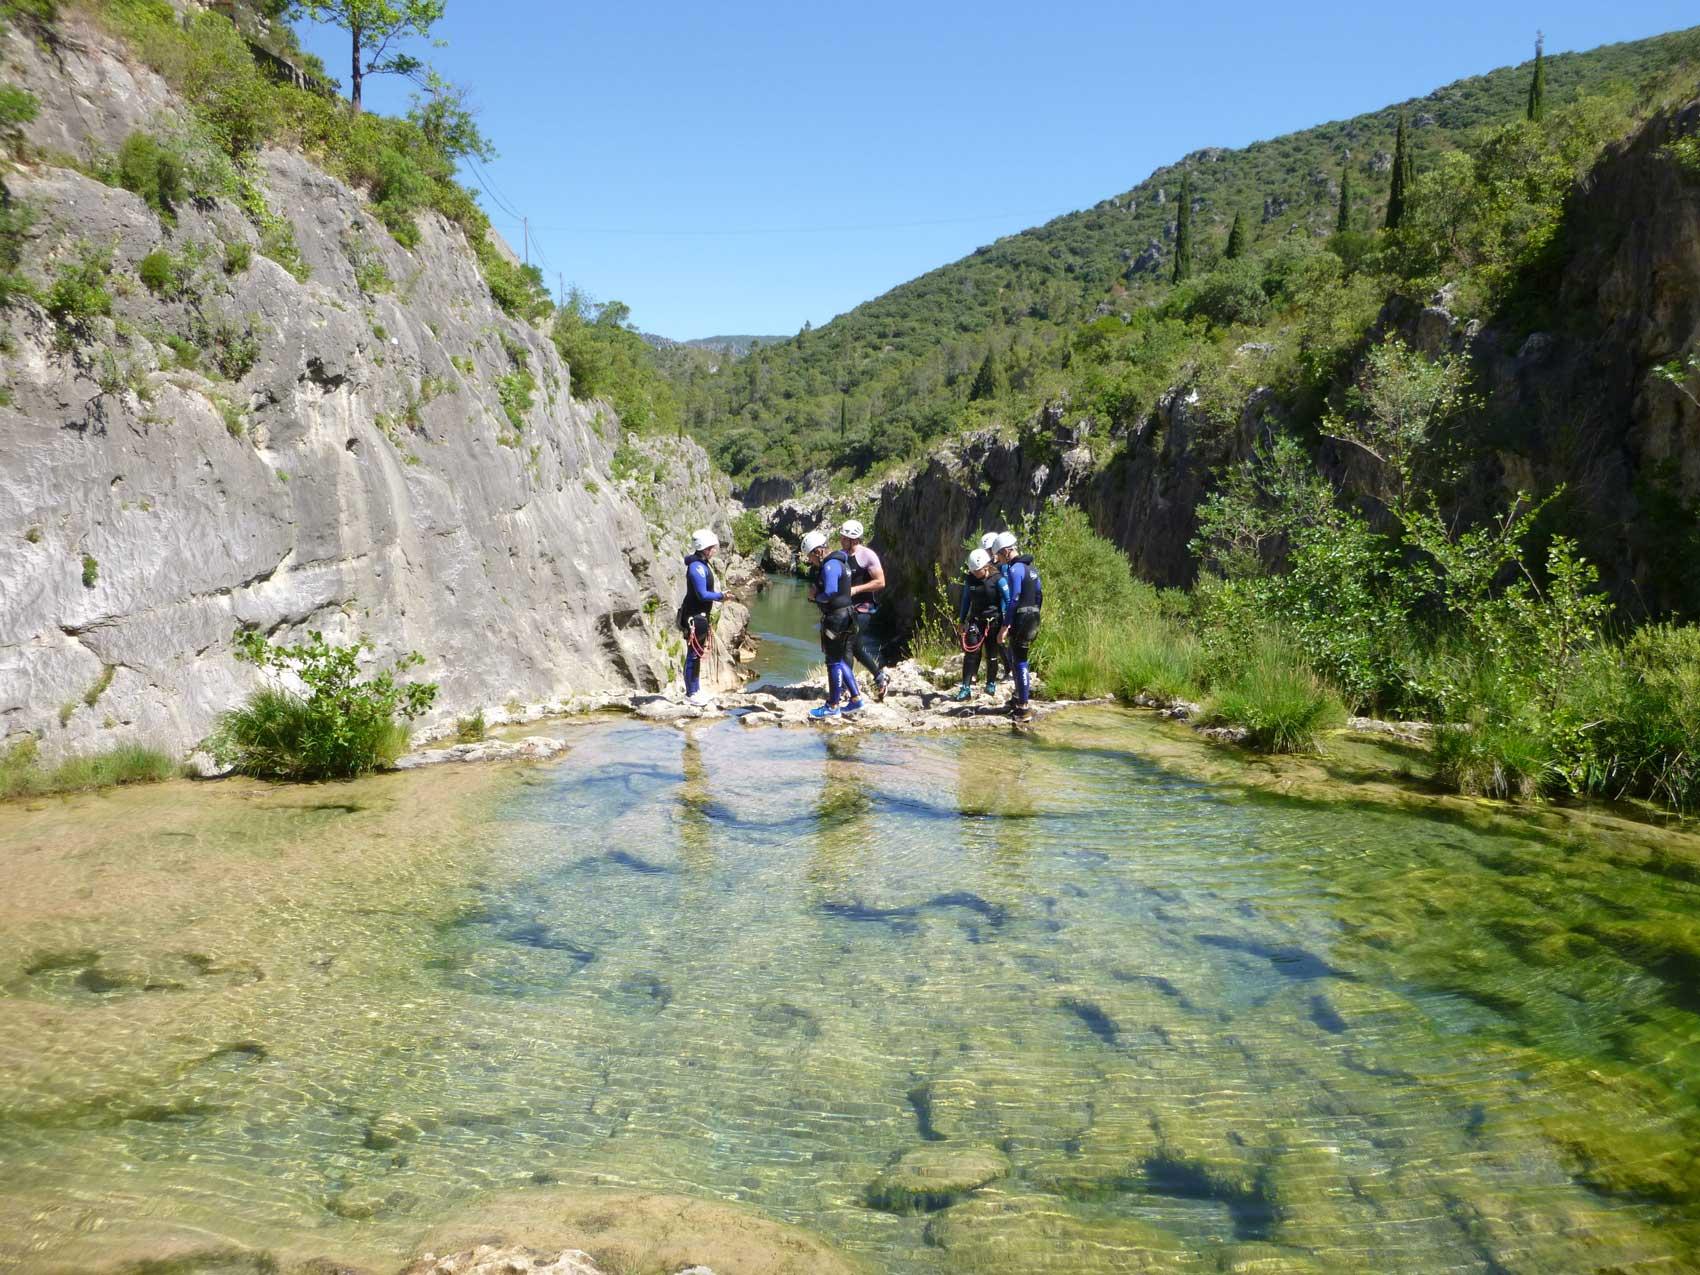 canyoning-activitéspleinenature-pleinair-loisirs-portesdeMontpellier-Occitanie